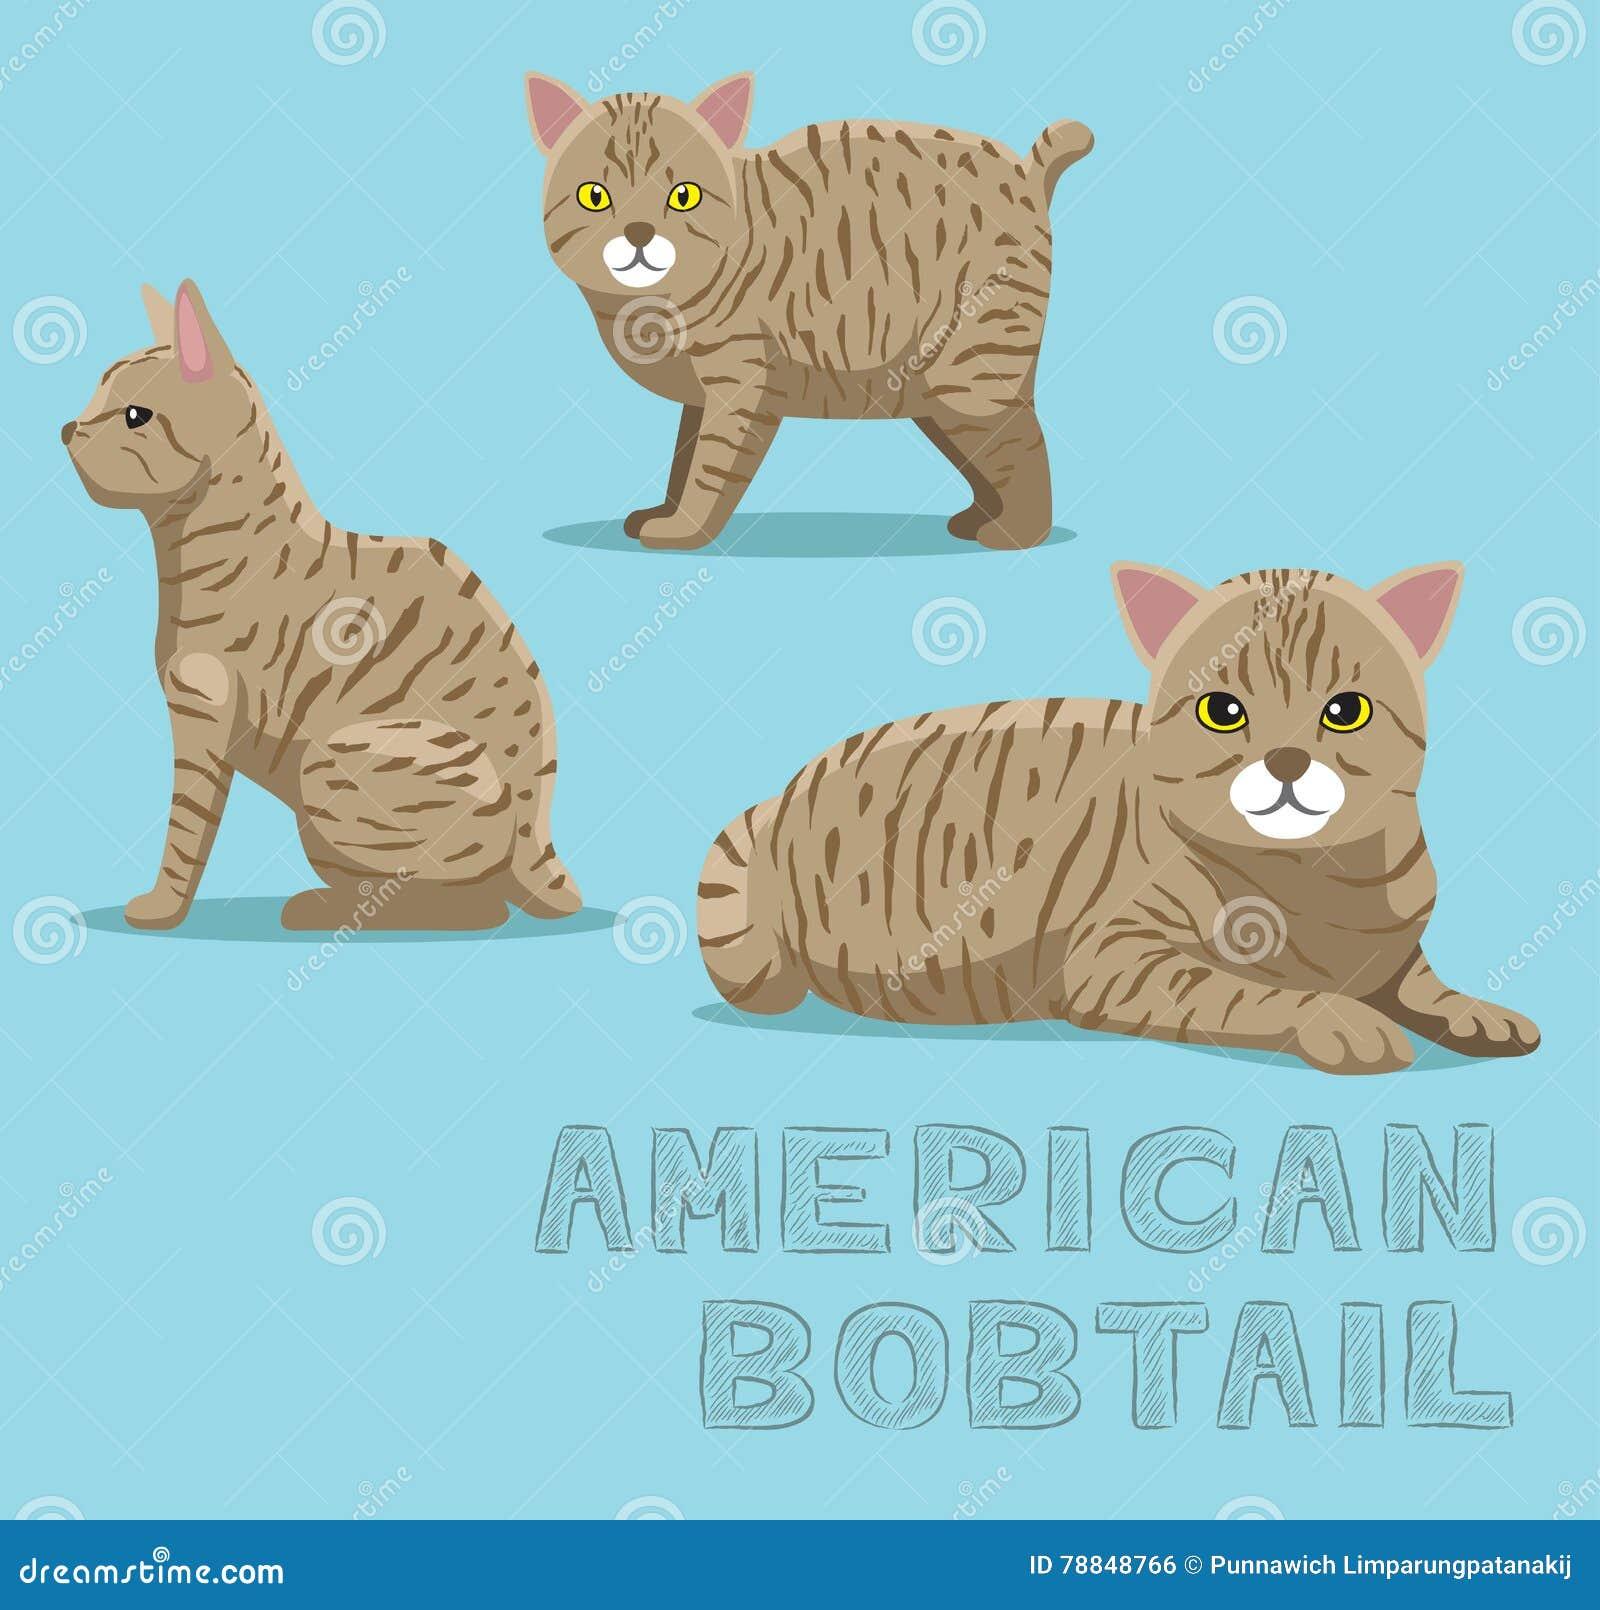 Cat American Bobtail Cartoon Vector Illustration Stock Vector